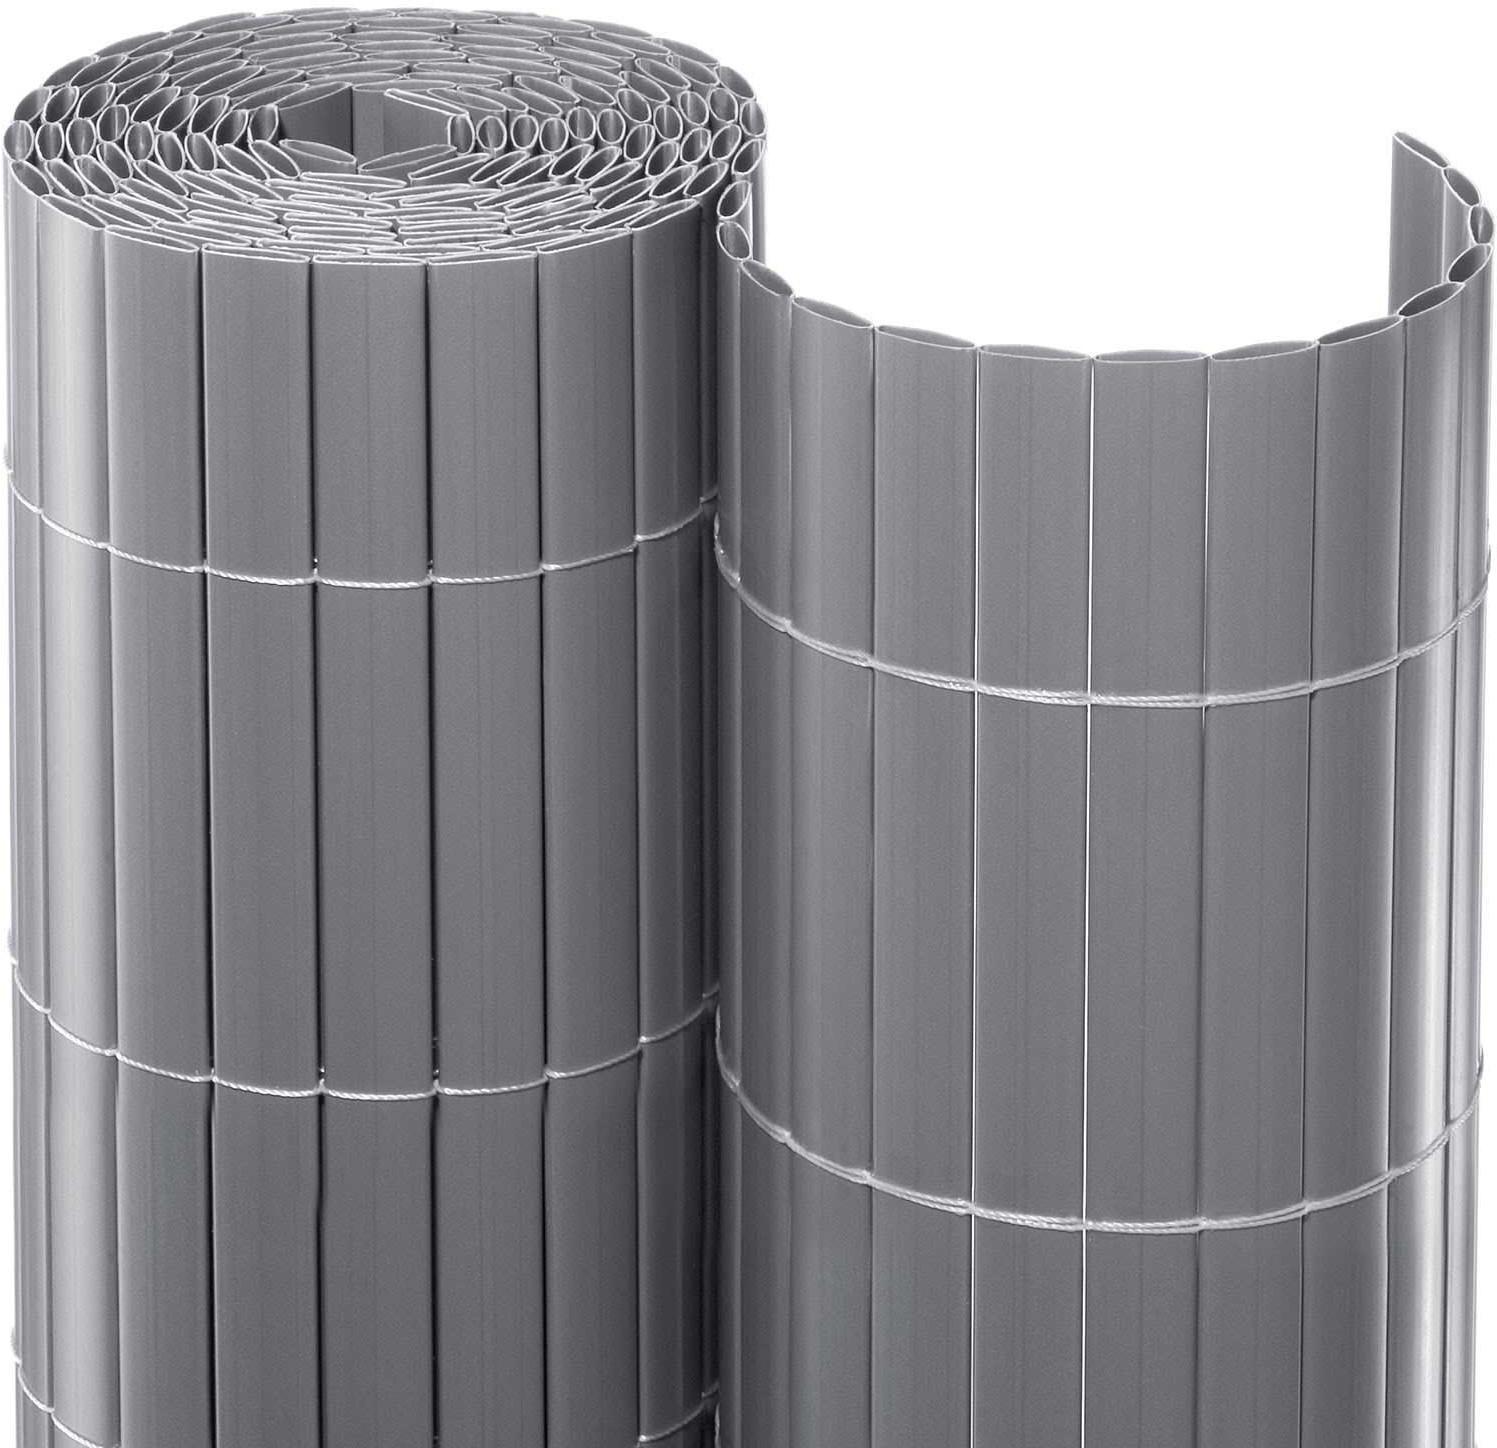 Noor Sichtschutzmatte PVC 100 x 300 cm silber